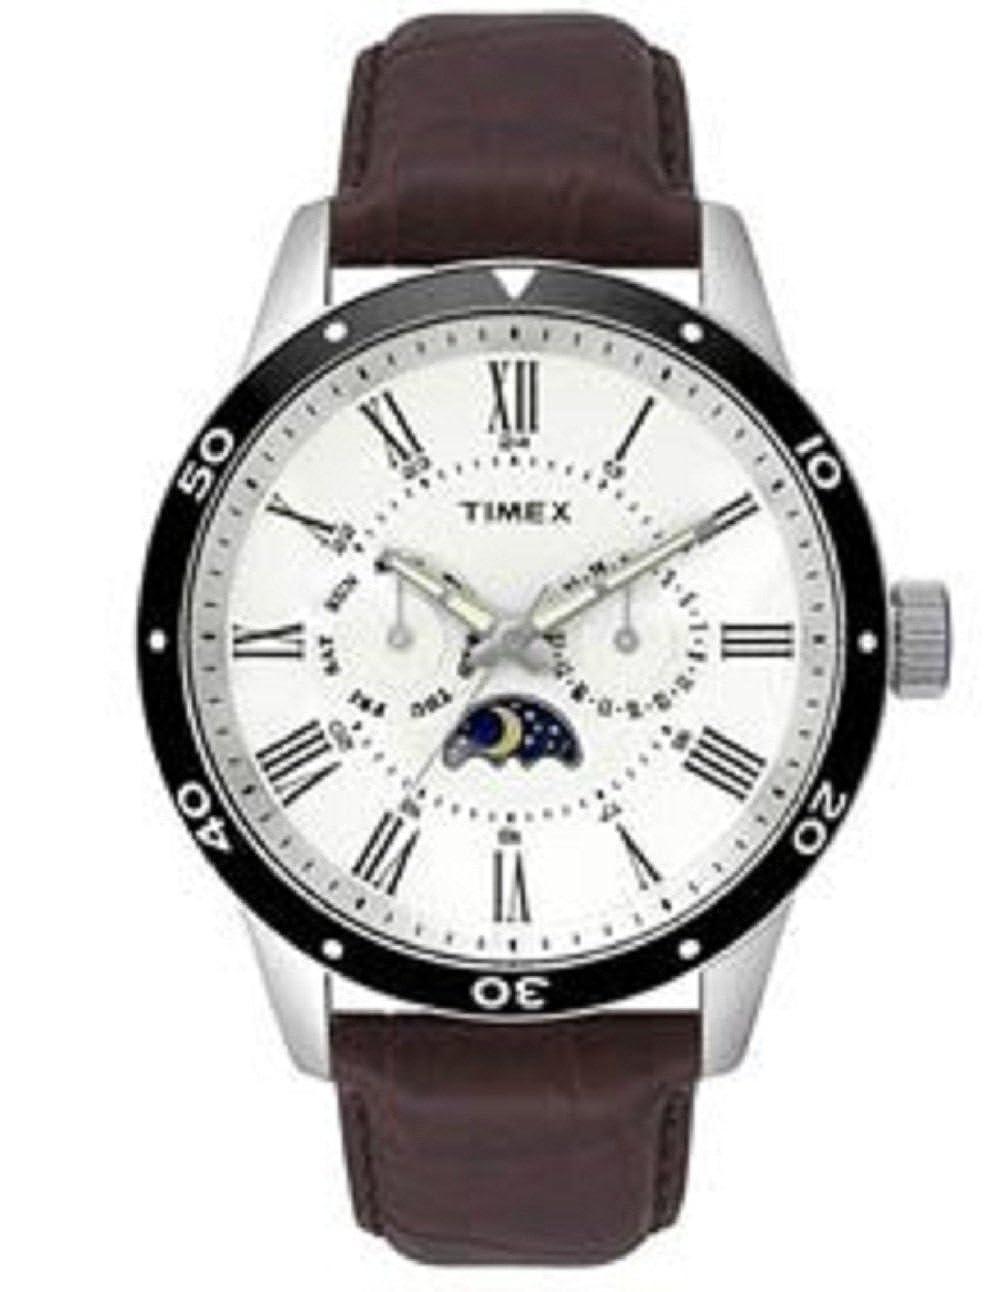 4f6417a8c66 Timex Analog Silver Dial Men's Watch - TWEG14700